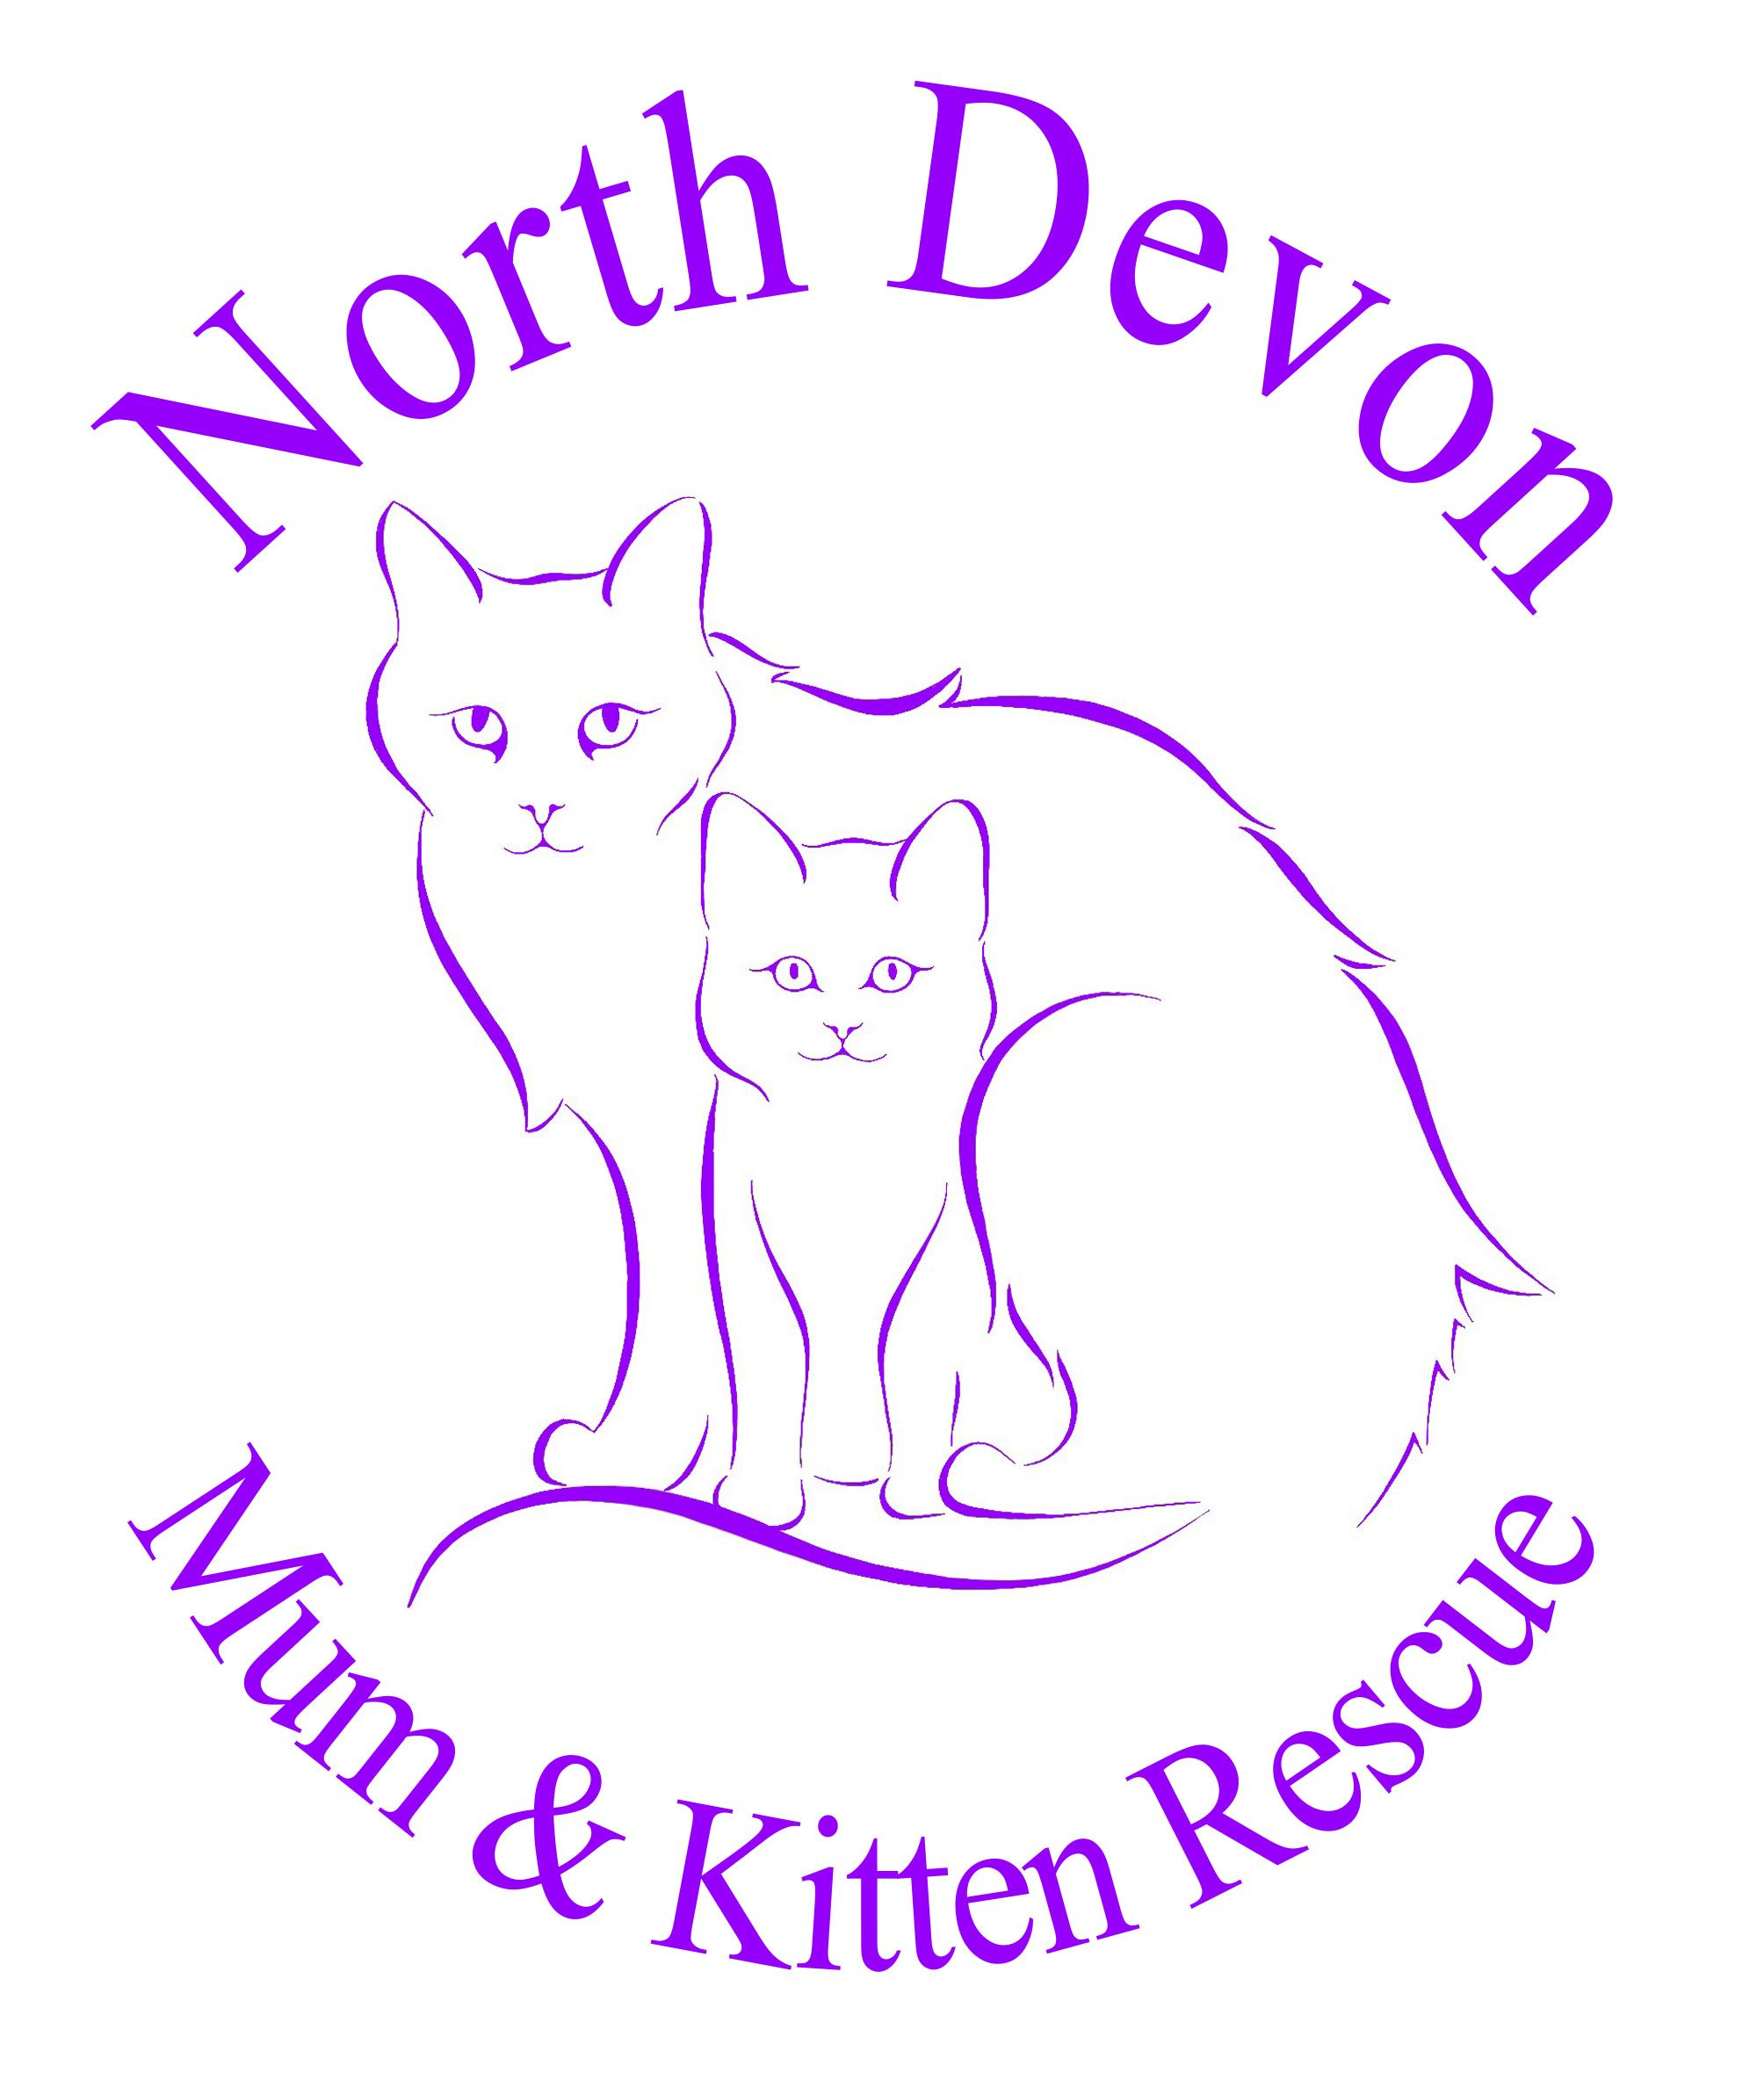 North Devon Mum and Kitten Rescue